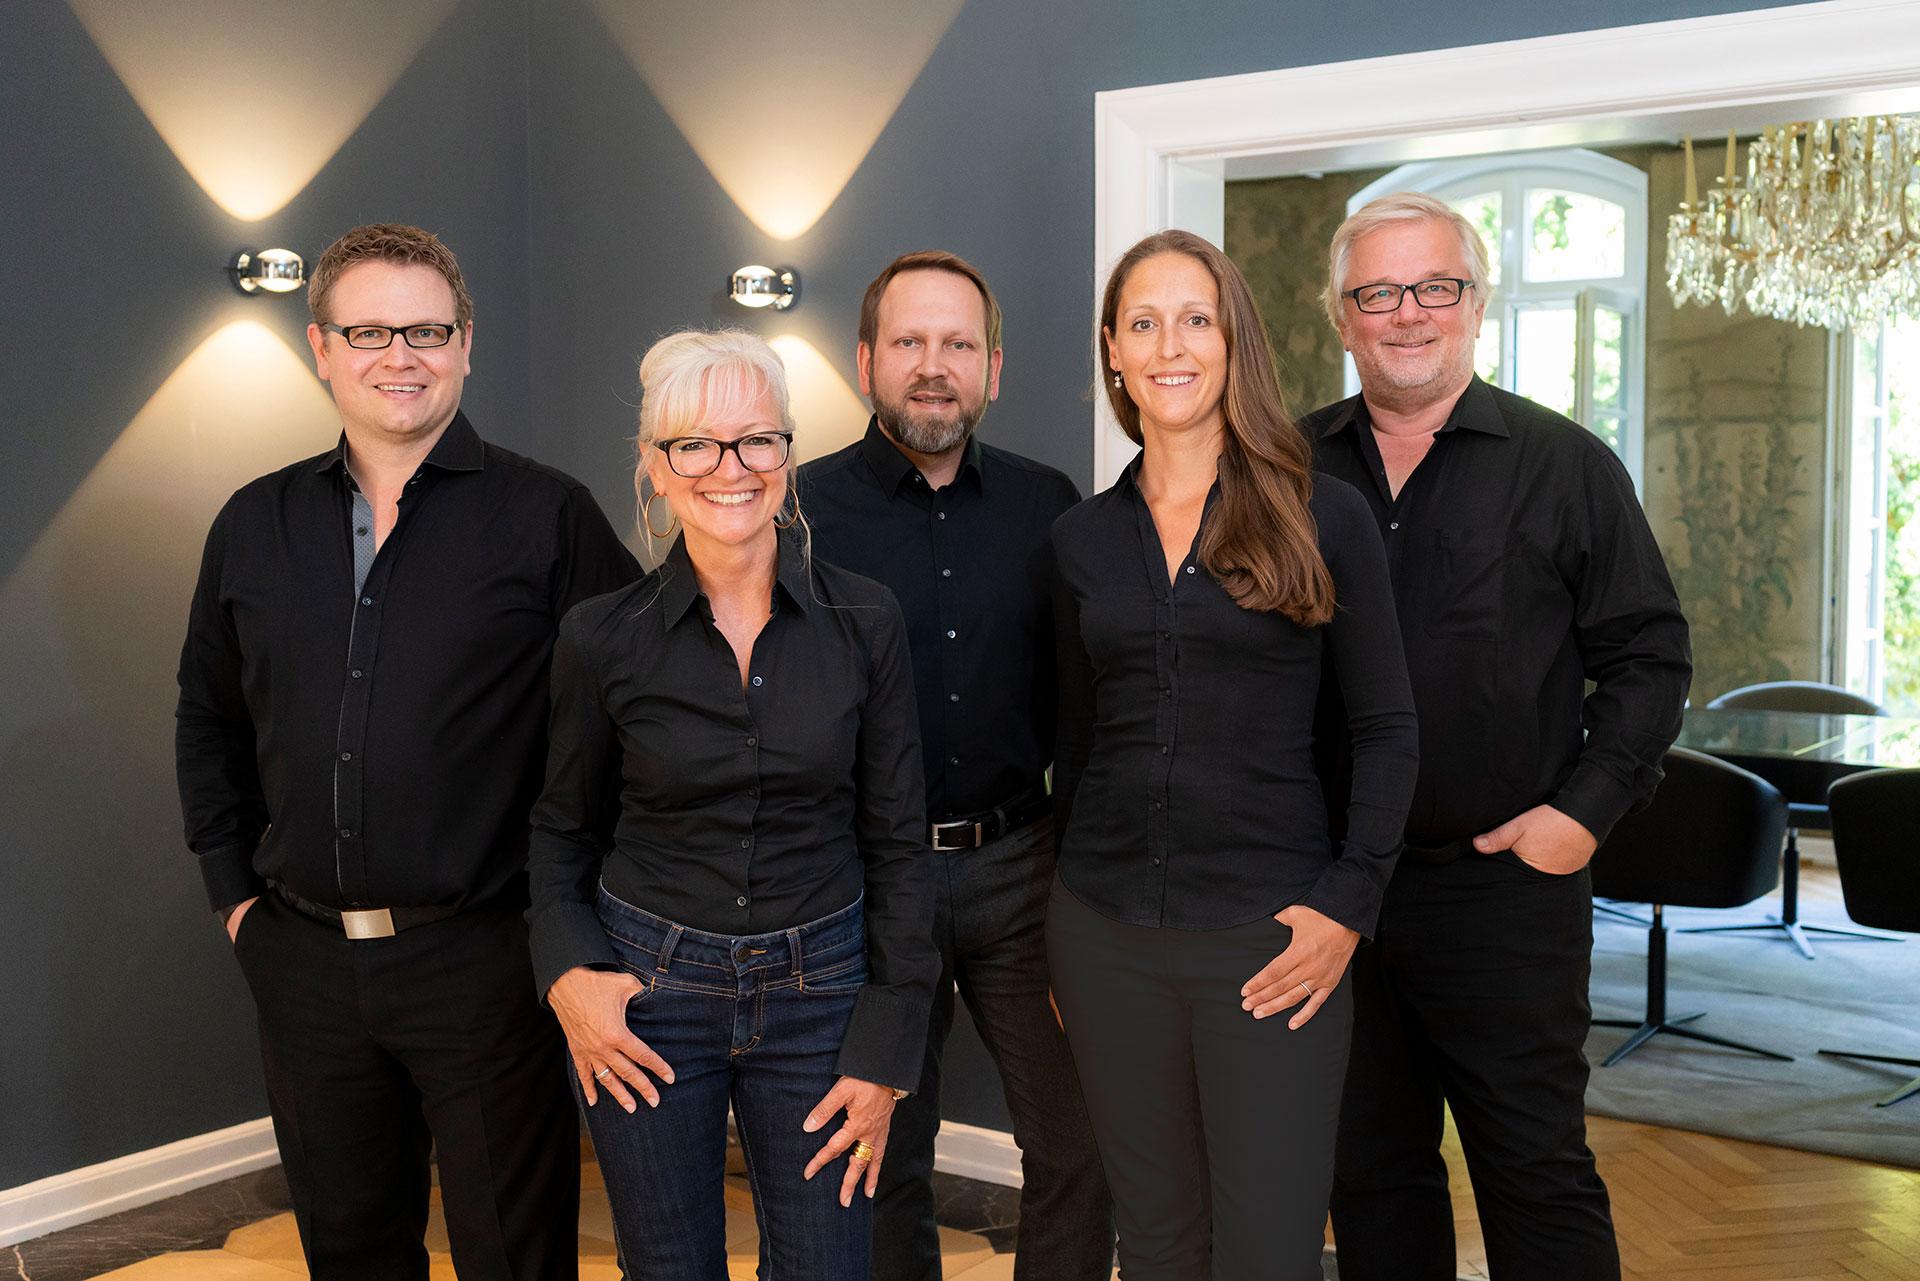 Die Geschäftsführer uCorinna Kretschmar-Joehnk, Peter Joehnk, Sabrina Voecks, Heinrich Böhm und Thomas Scholz von JOI-Design.